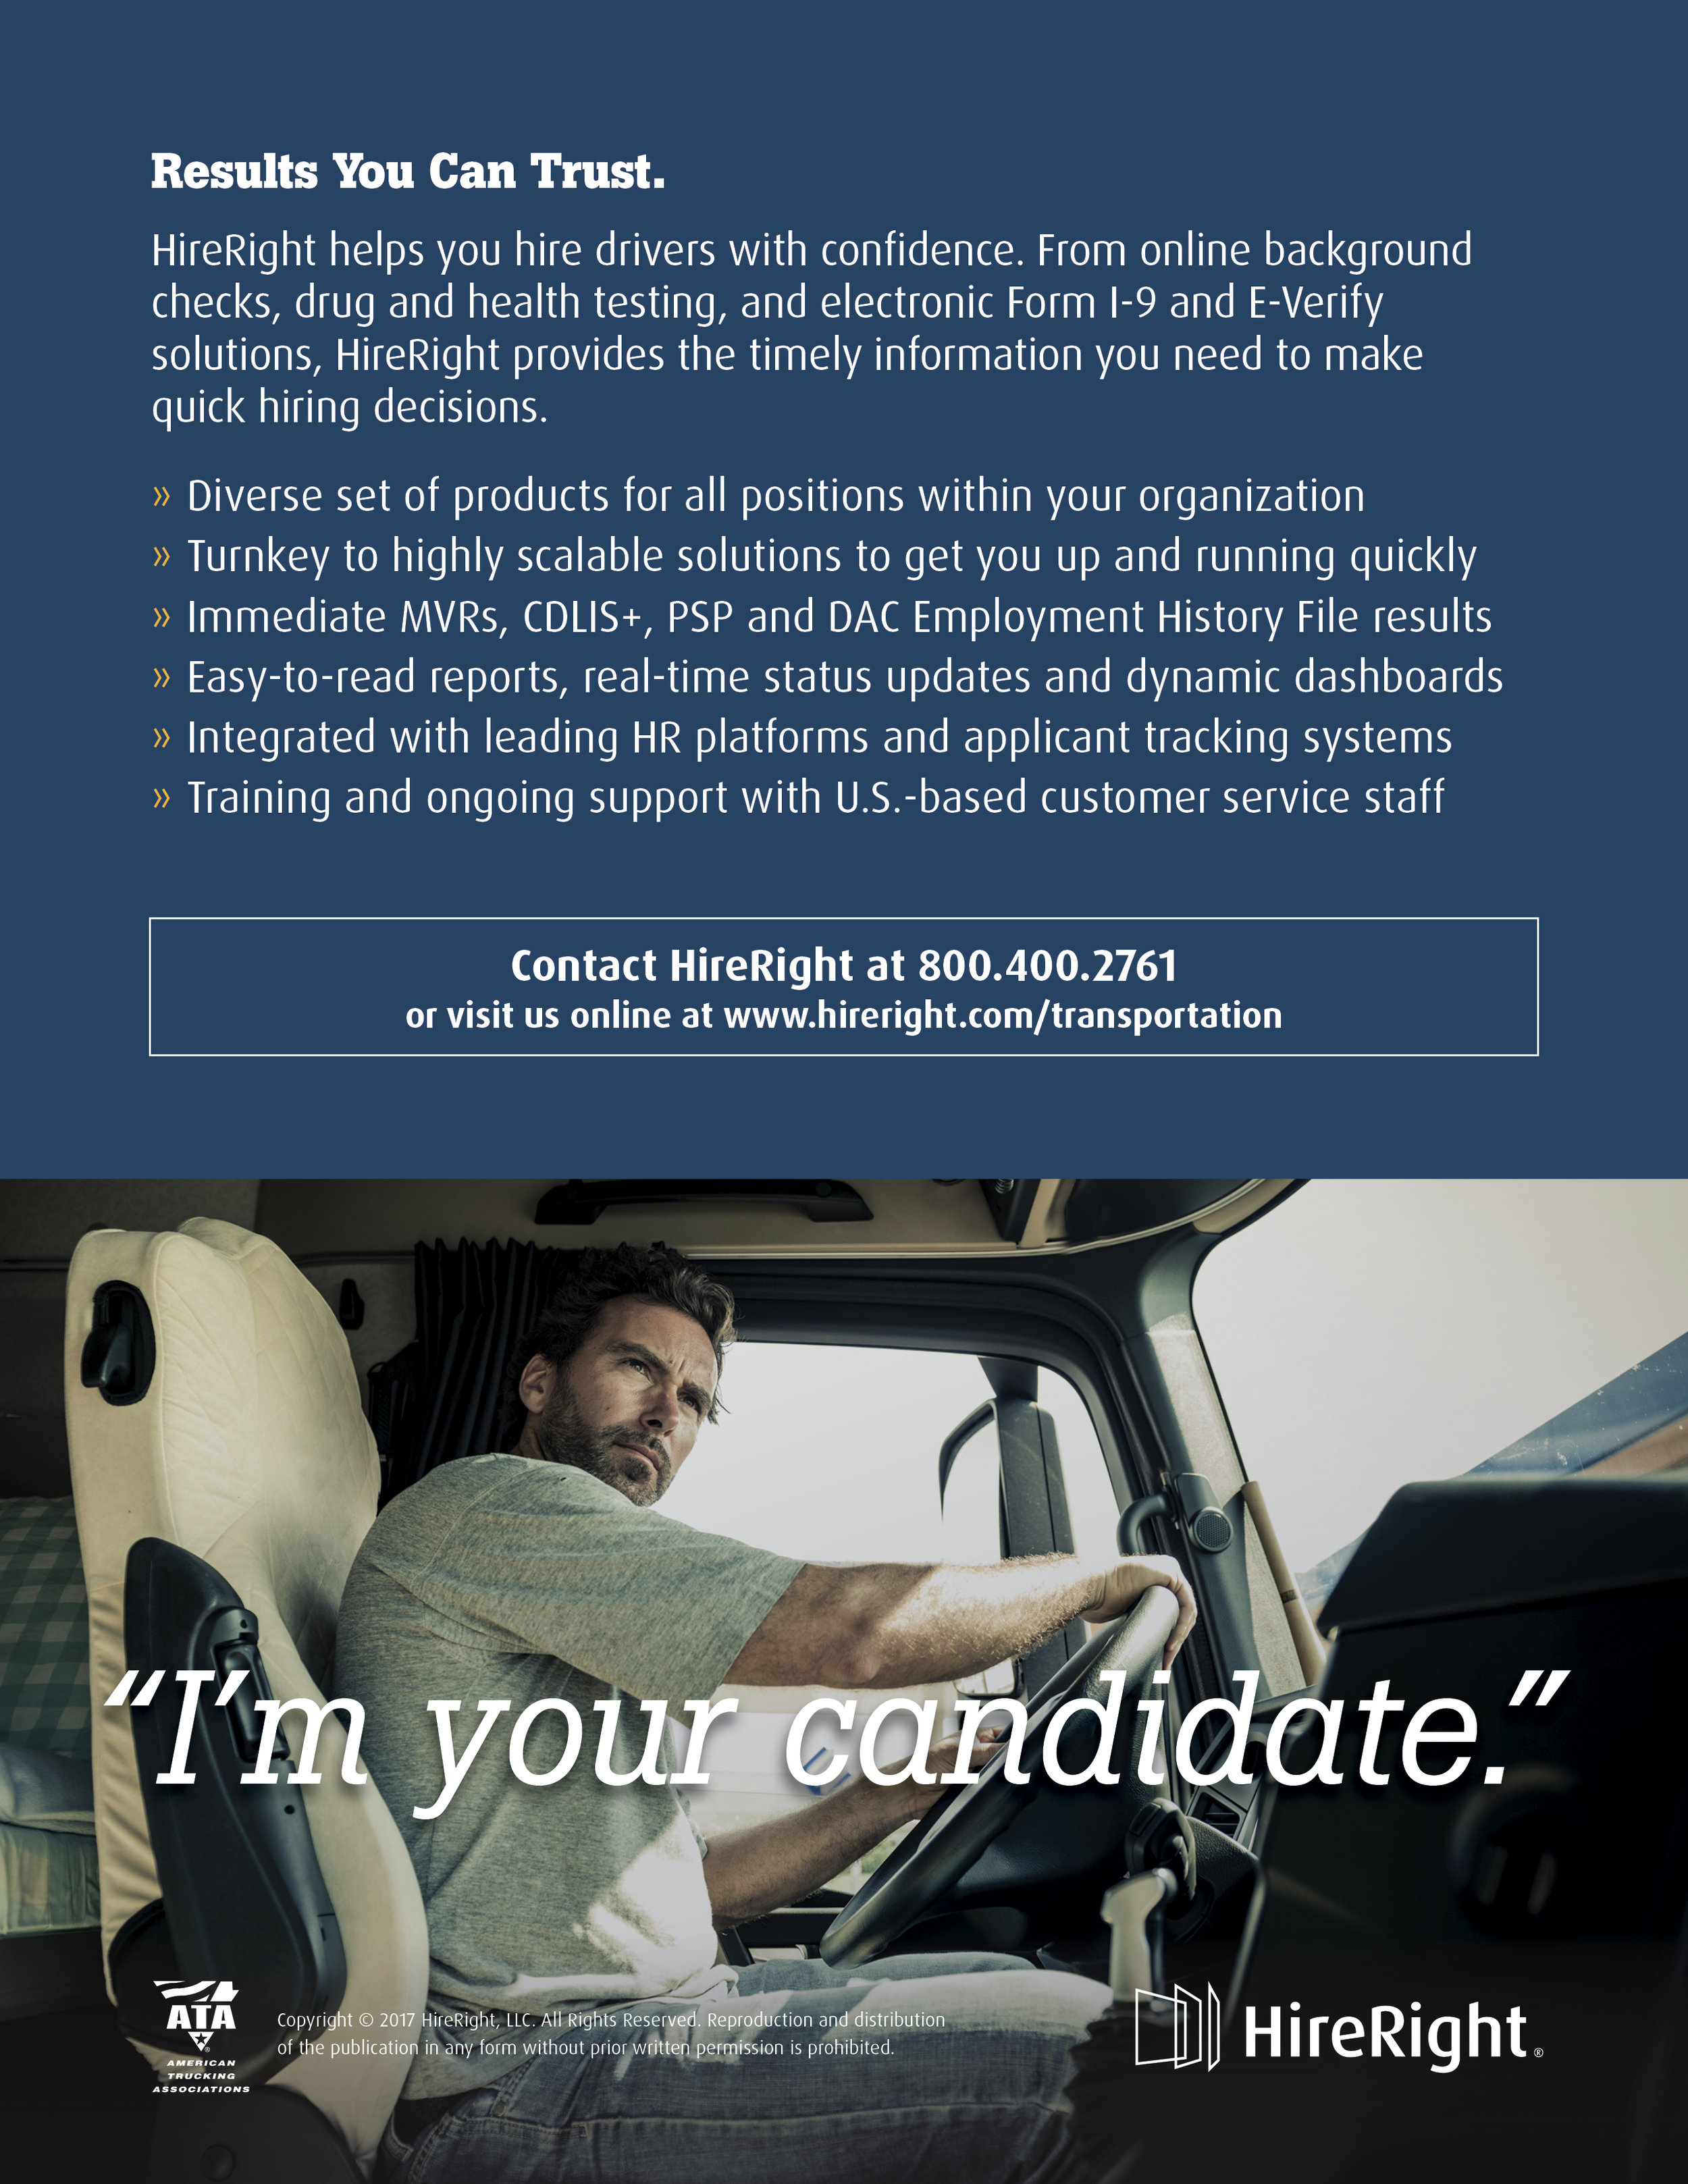 HR_Candidate.jpg